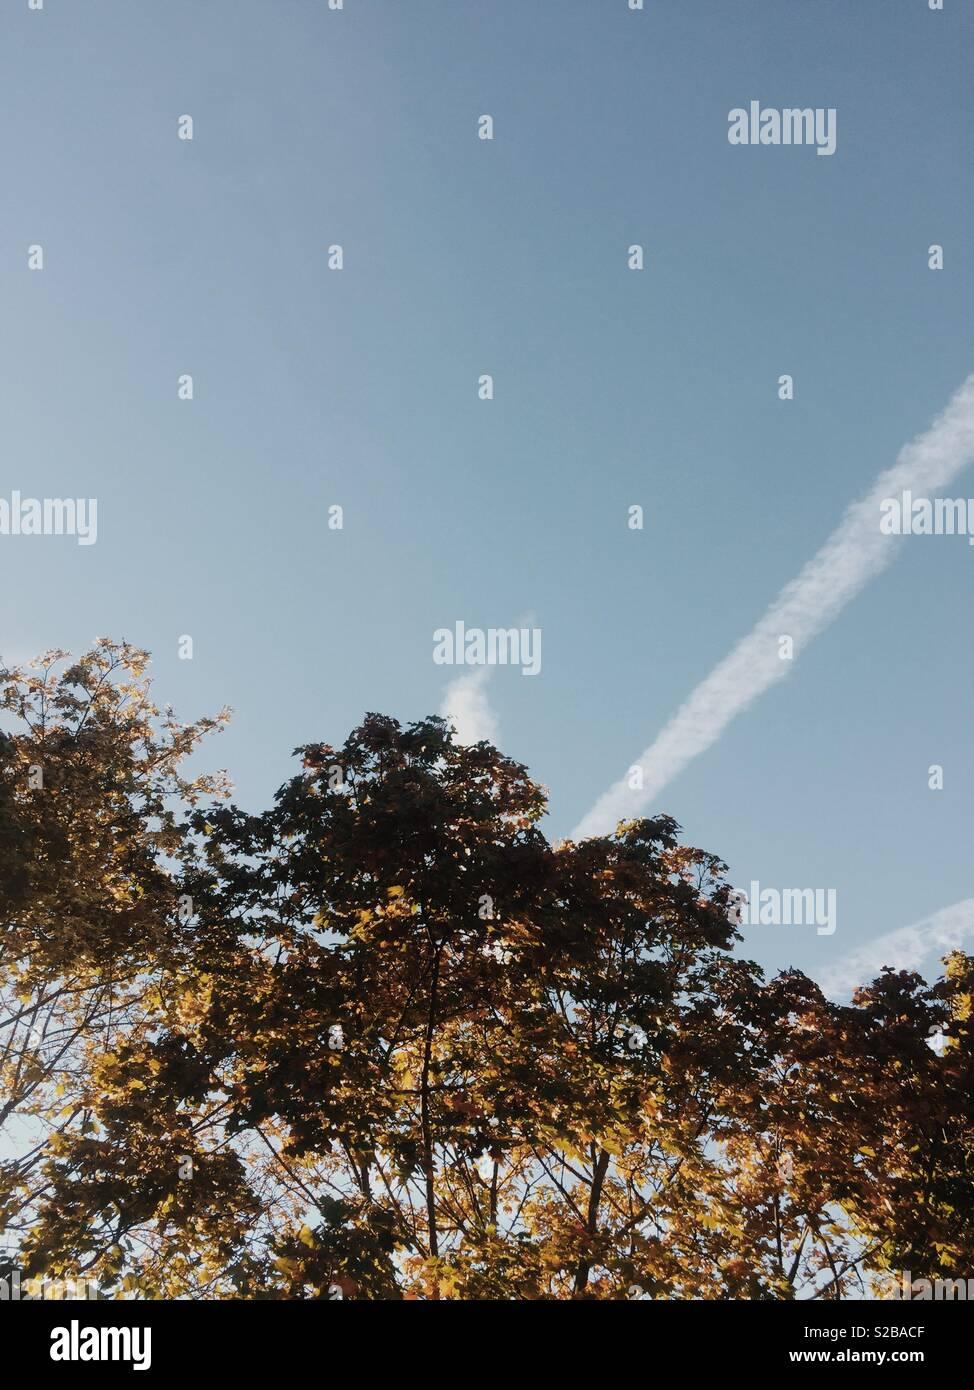 Mirando hacia arriba en el árbol otoñal en el sol y el cielo Imagen De Stock